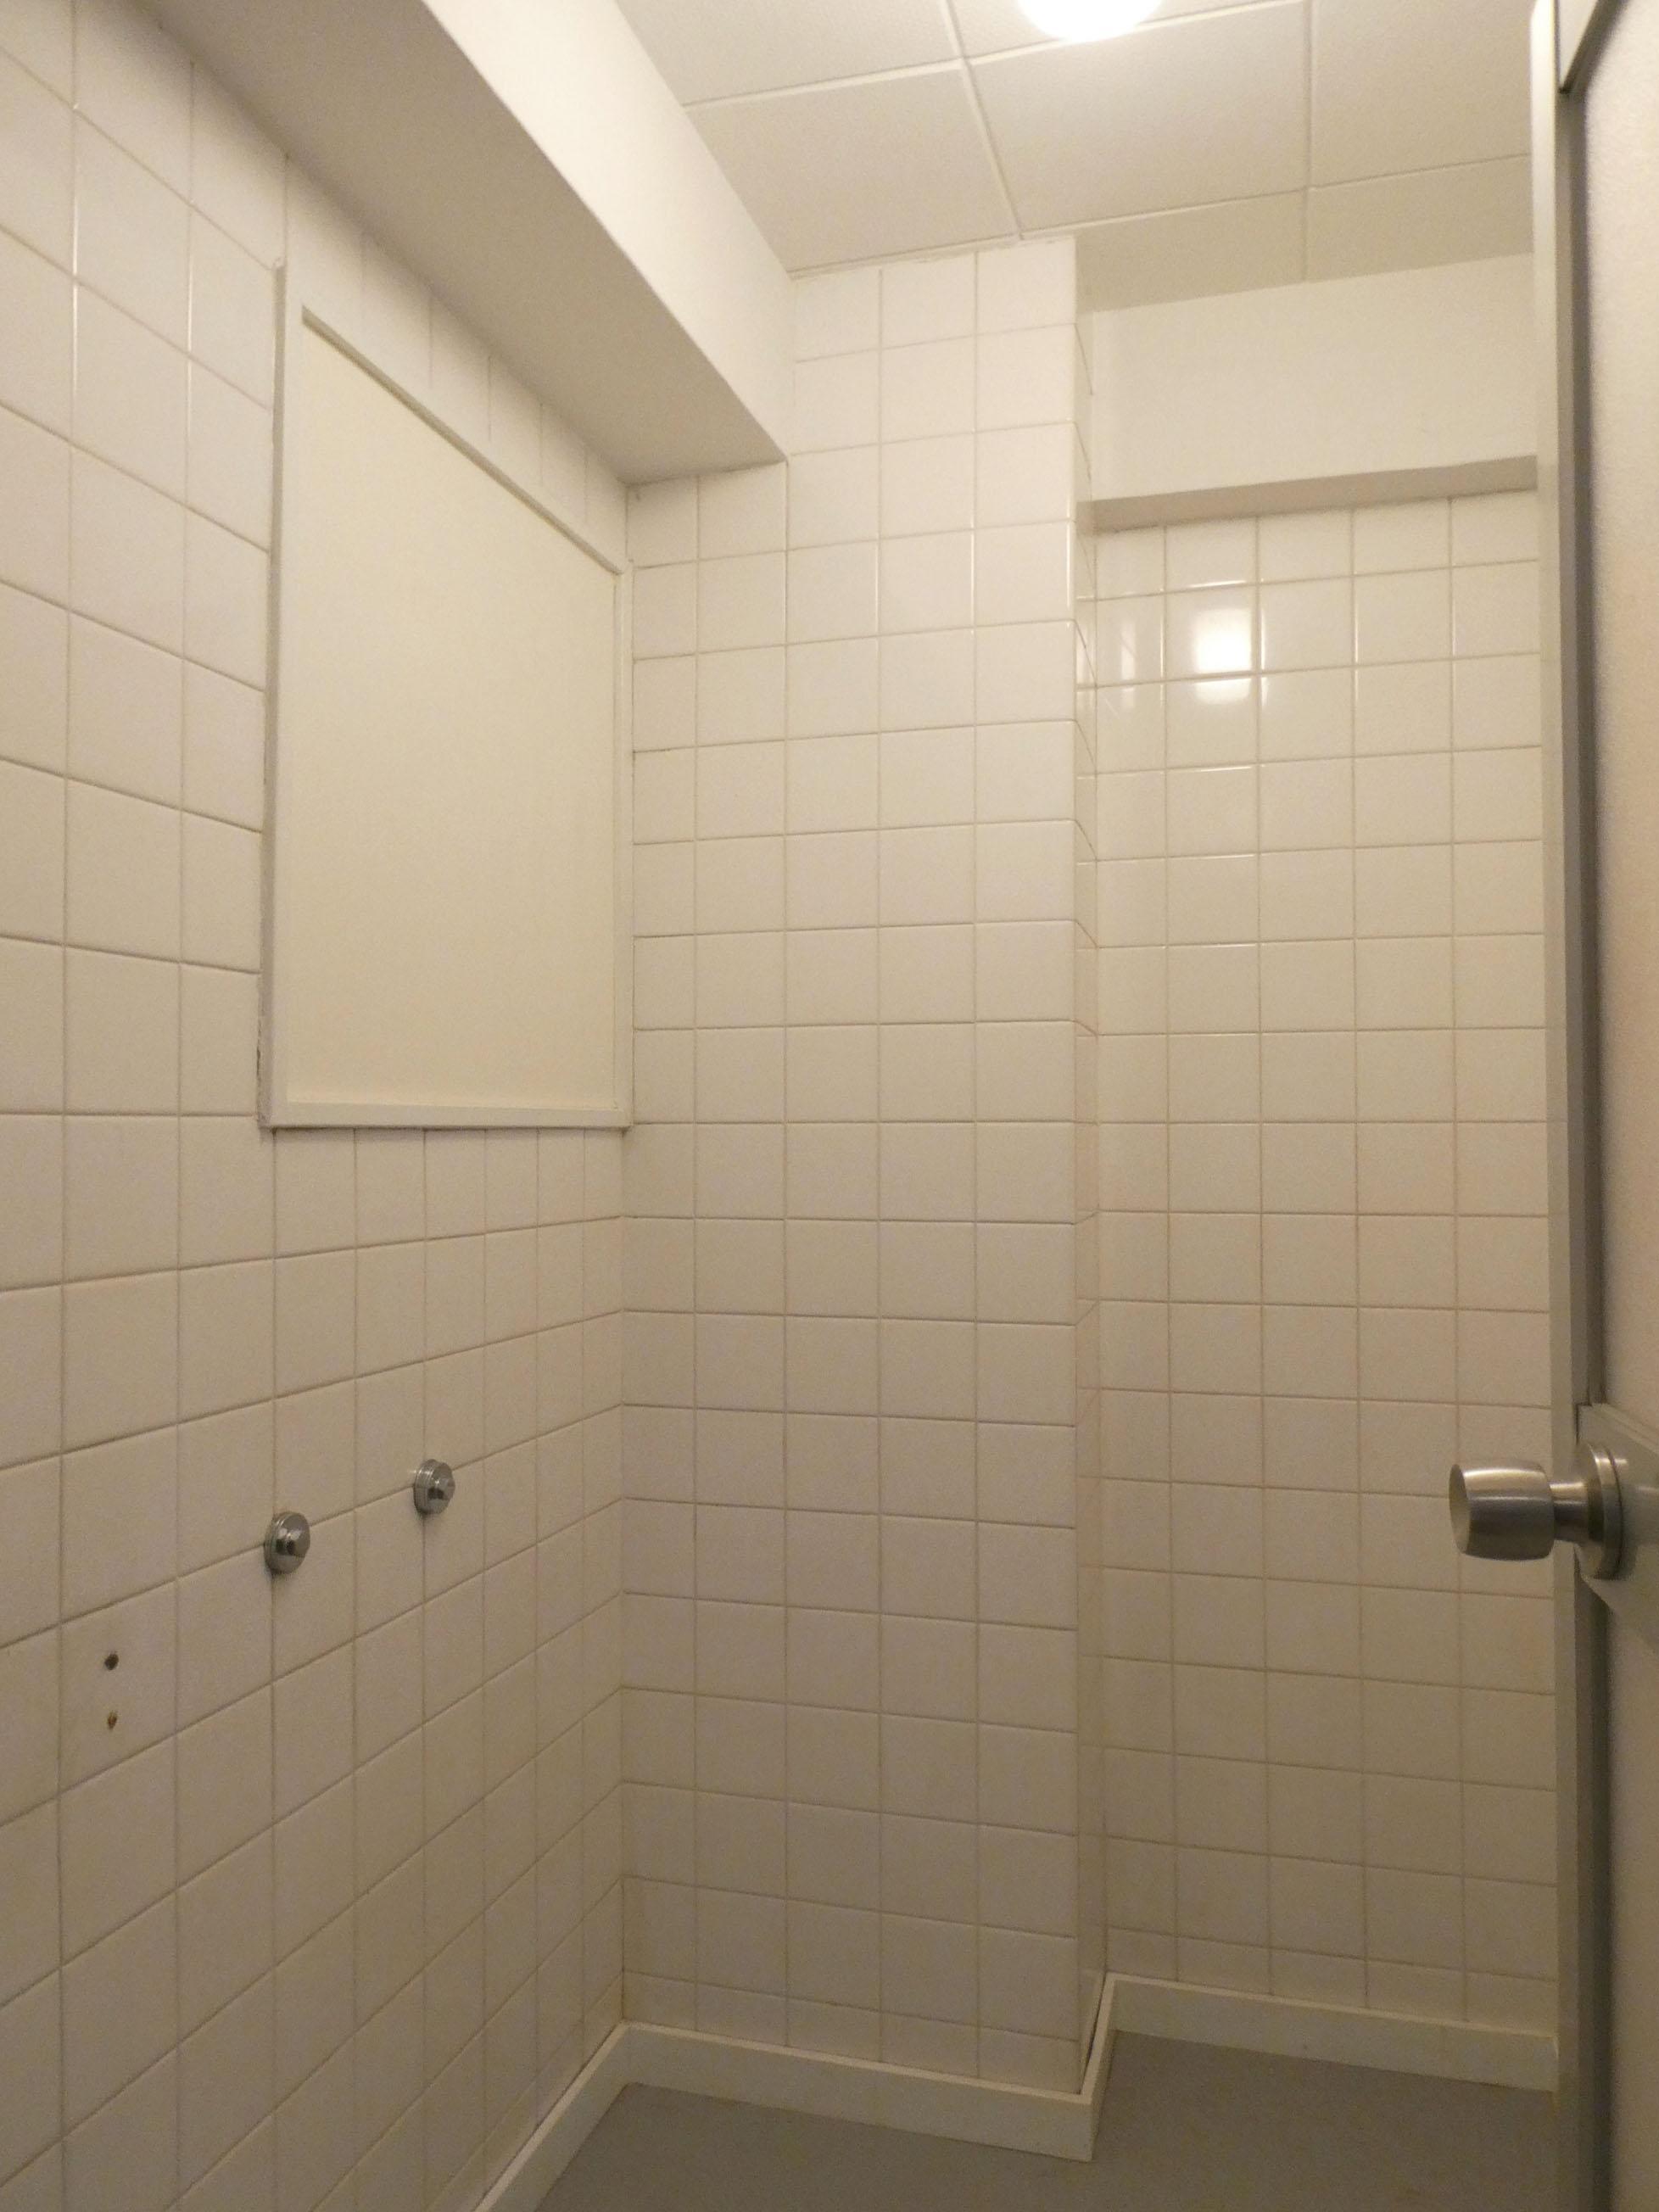 浴室機能はなく、収納になっています